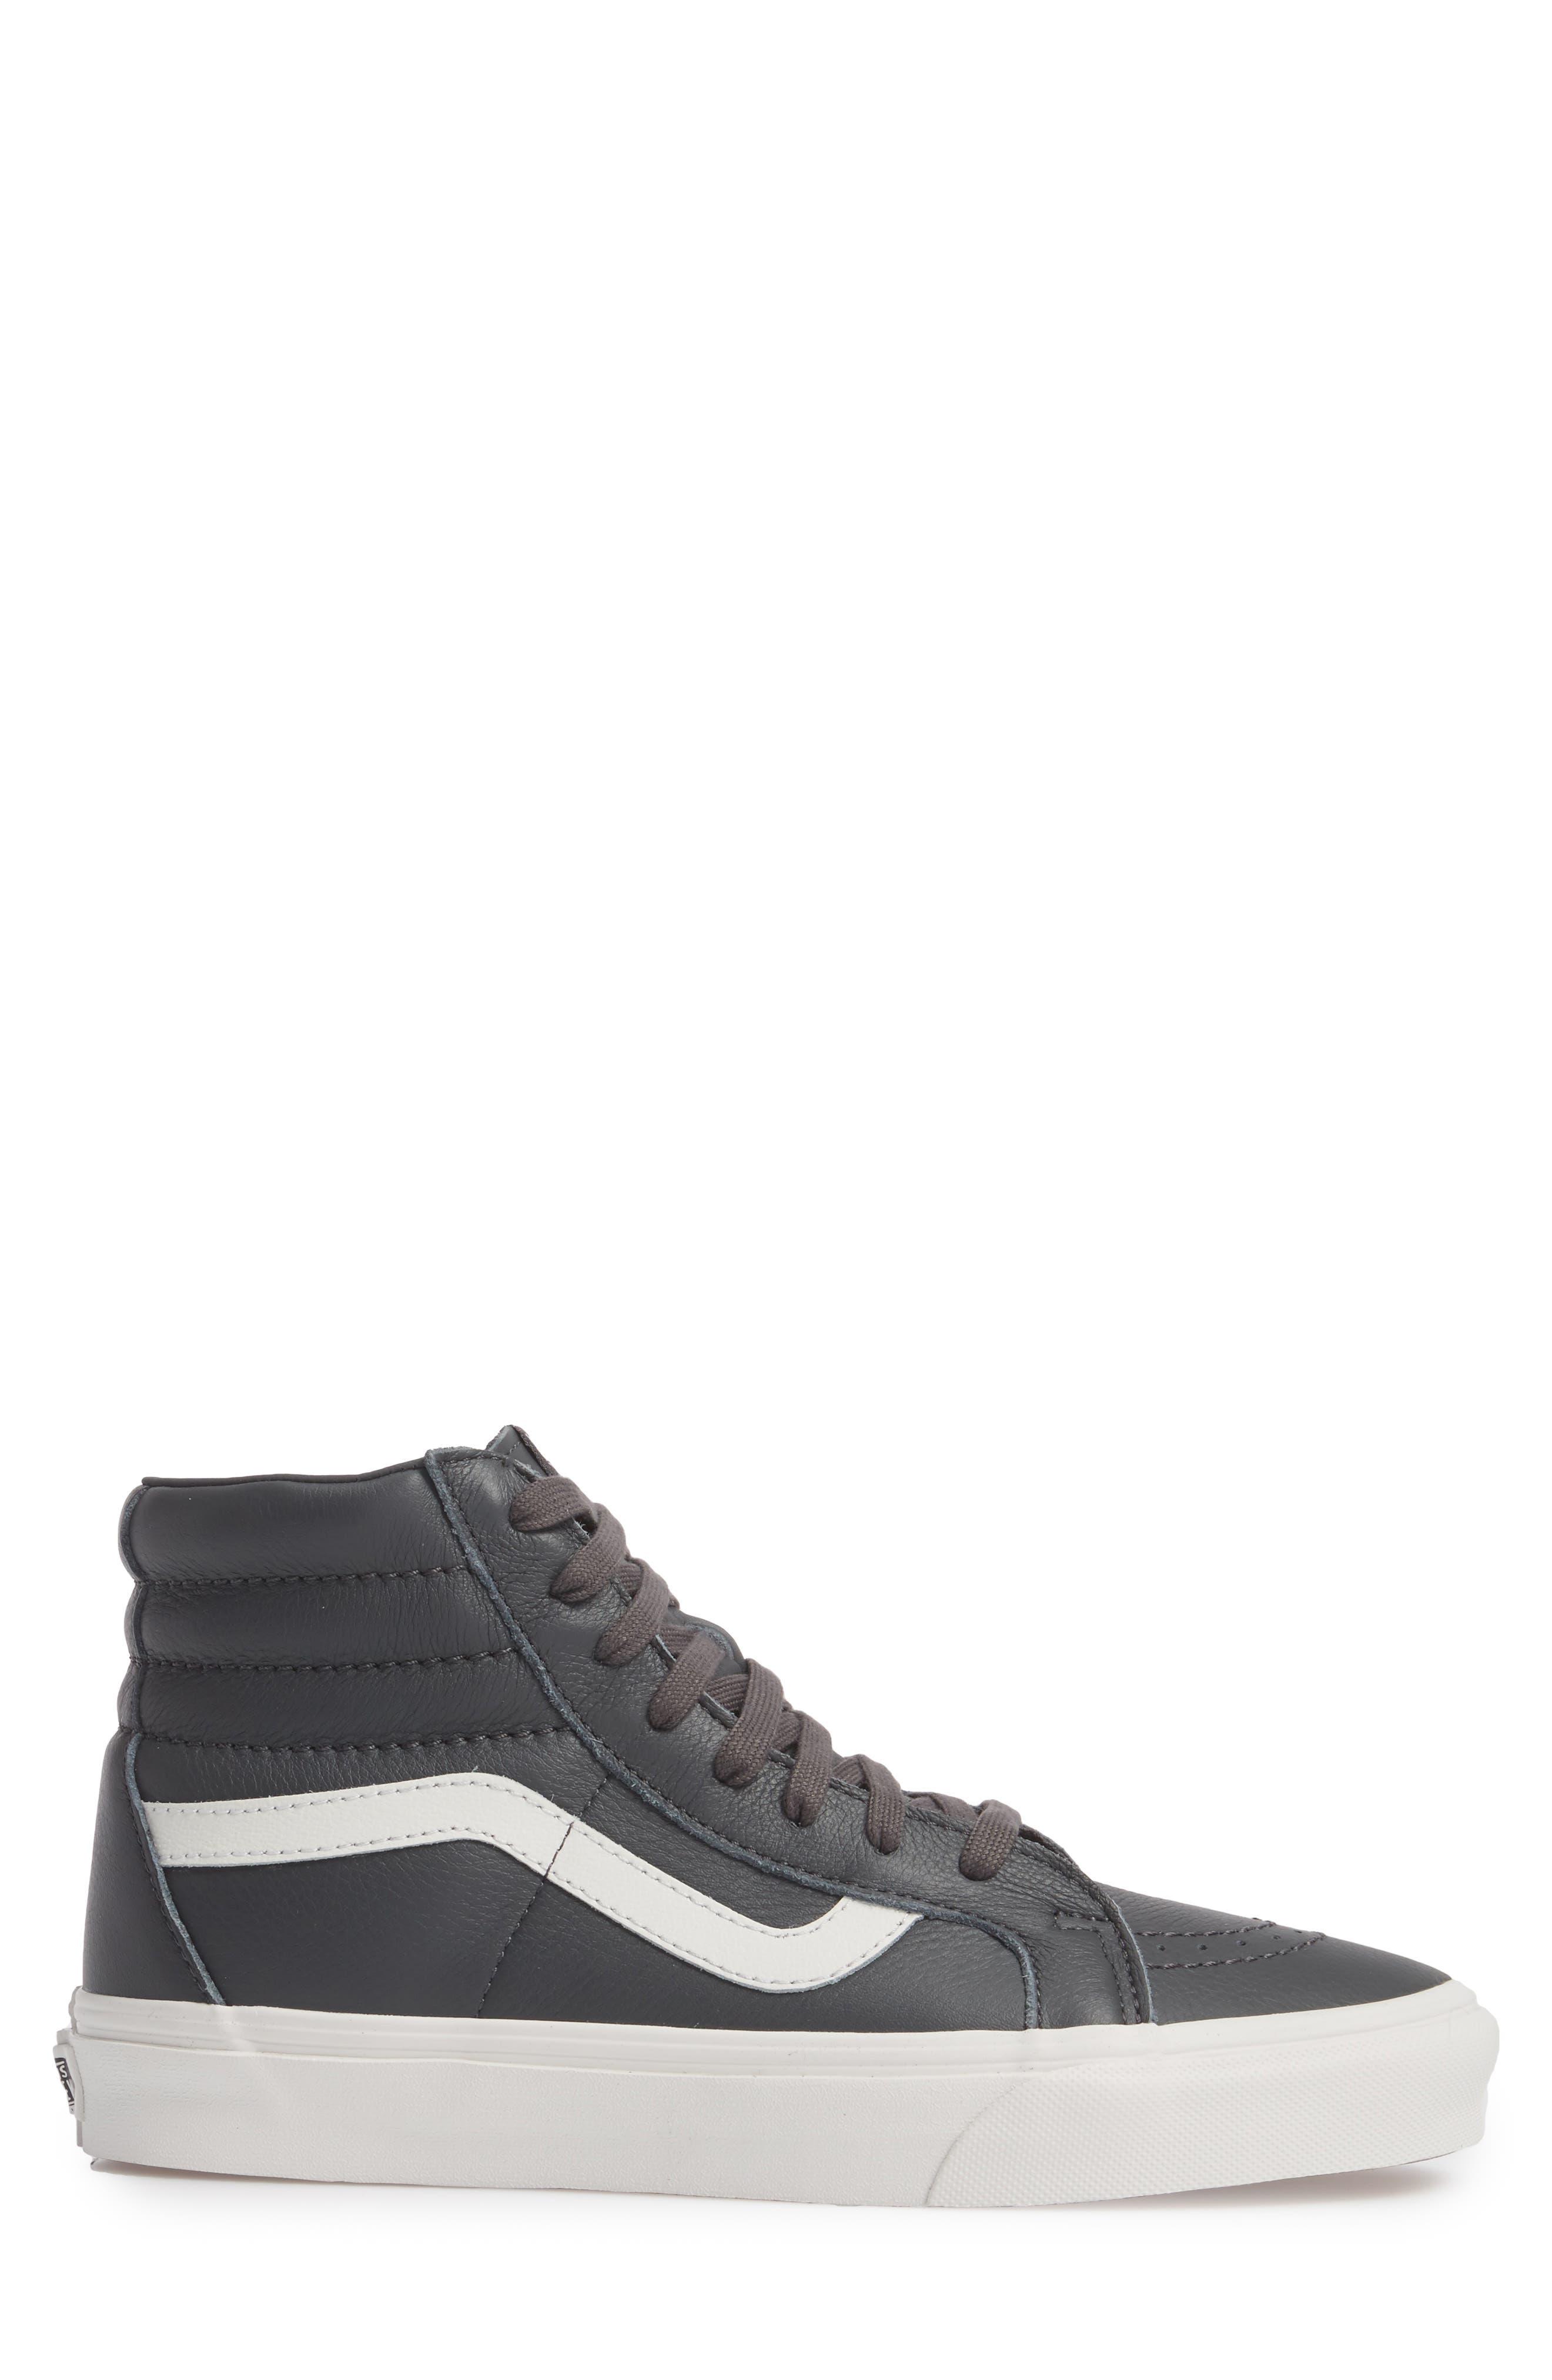 Sk8-Hi Reissue Leather Sneaker,                             Alternate thumbnail 3, color,                             020